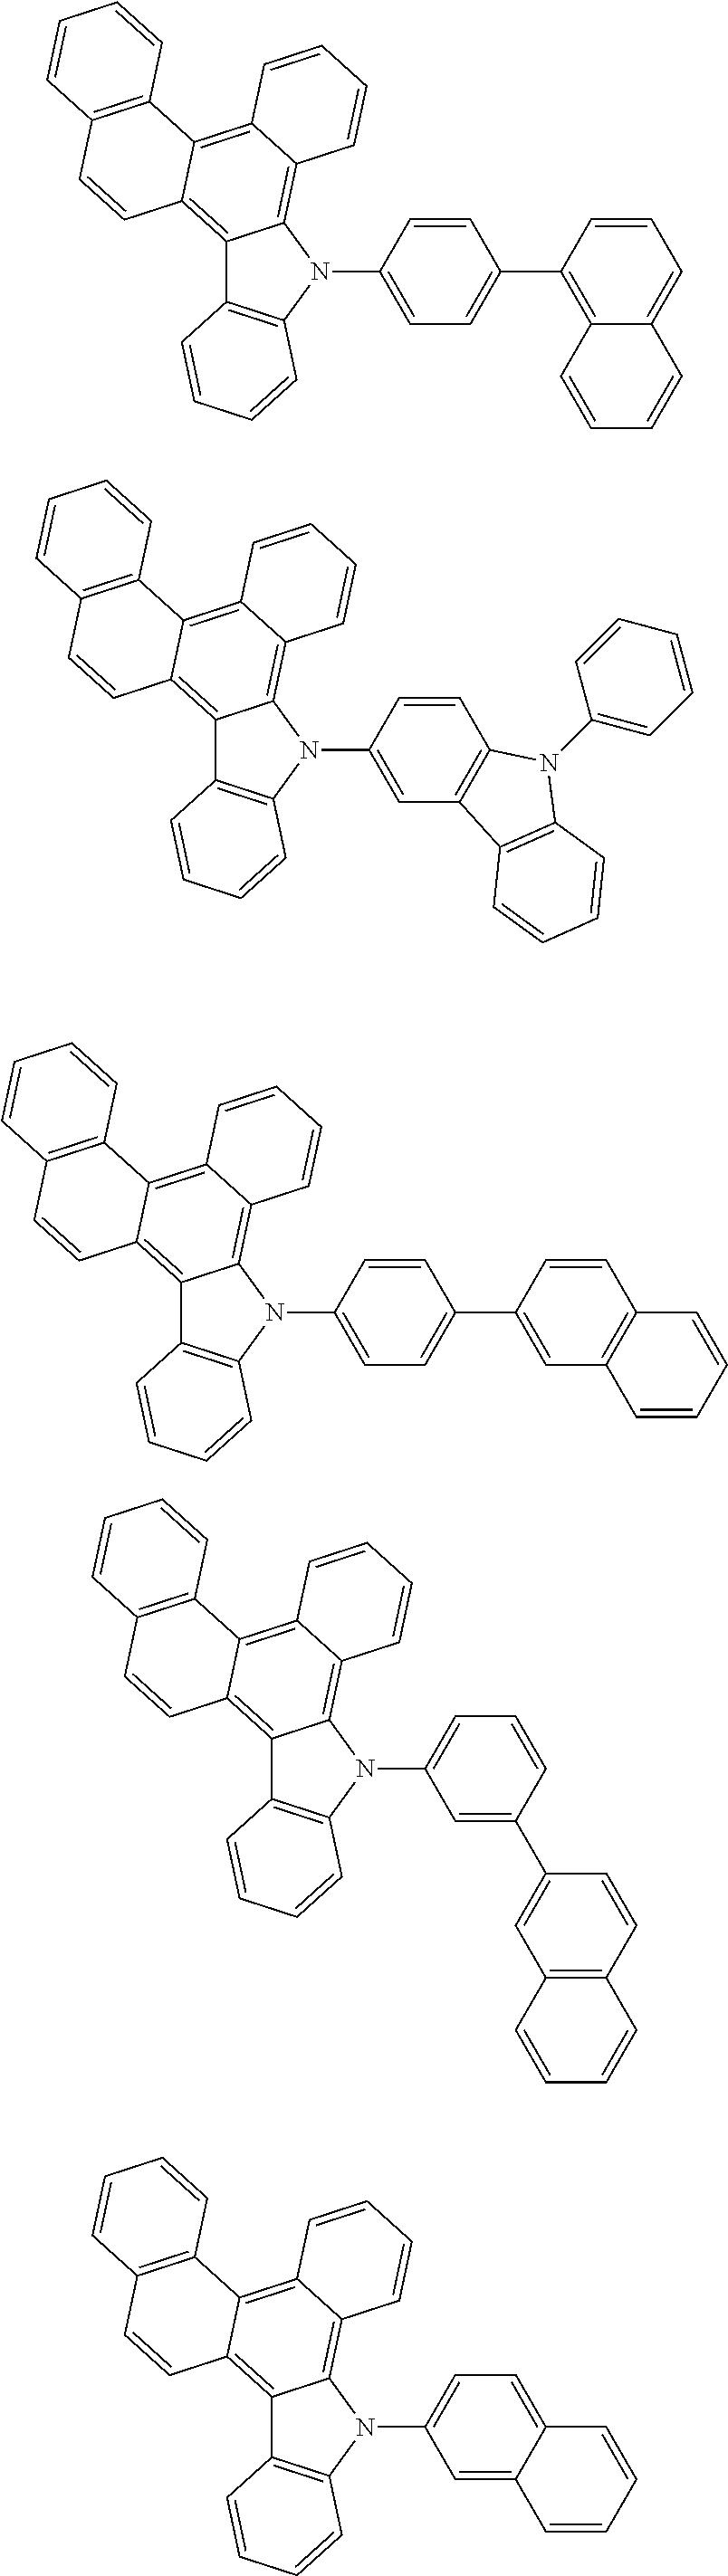 Figure US09837615-20171205-C00051